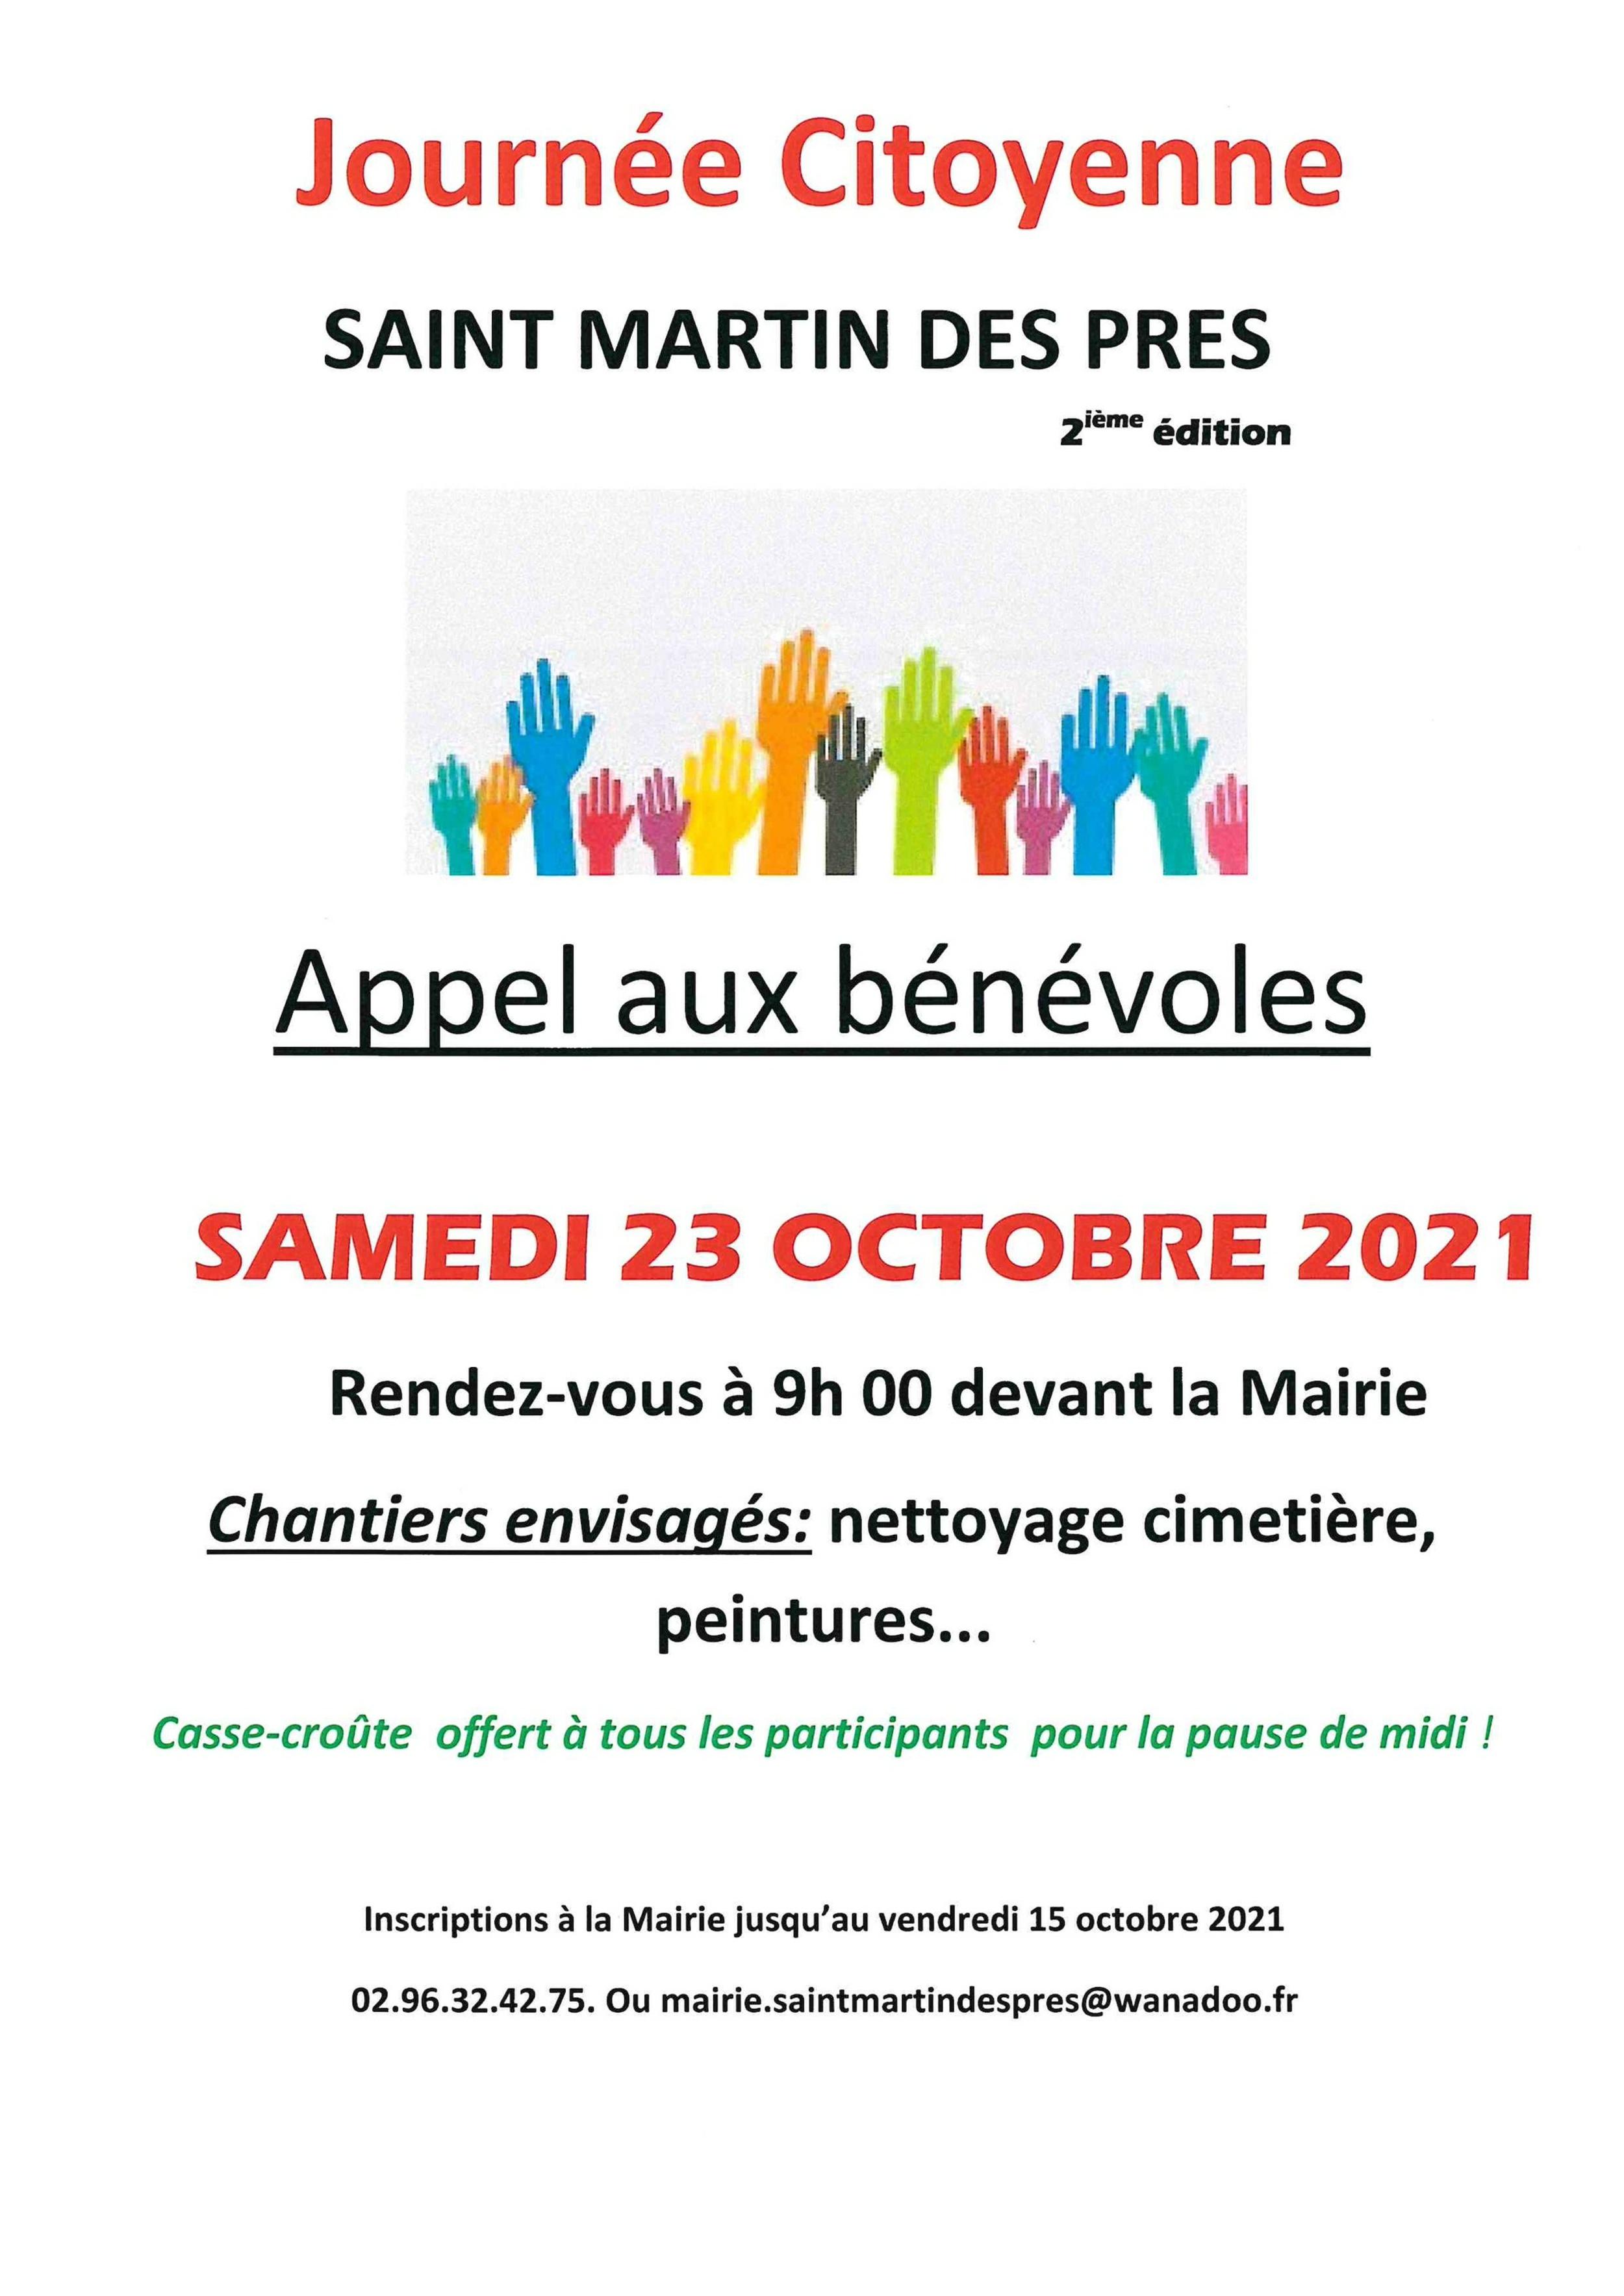 Journée citoyenne le 23 octobre 2021ST MARTIN DES PRÉS